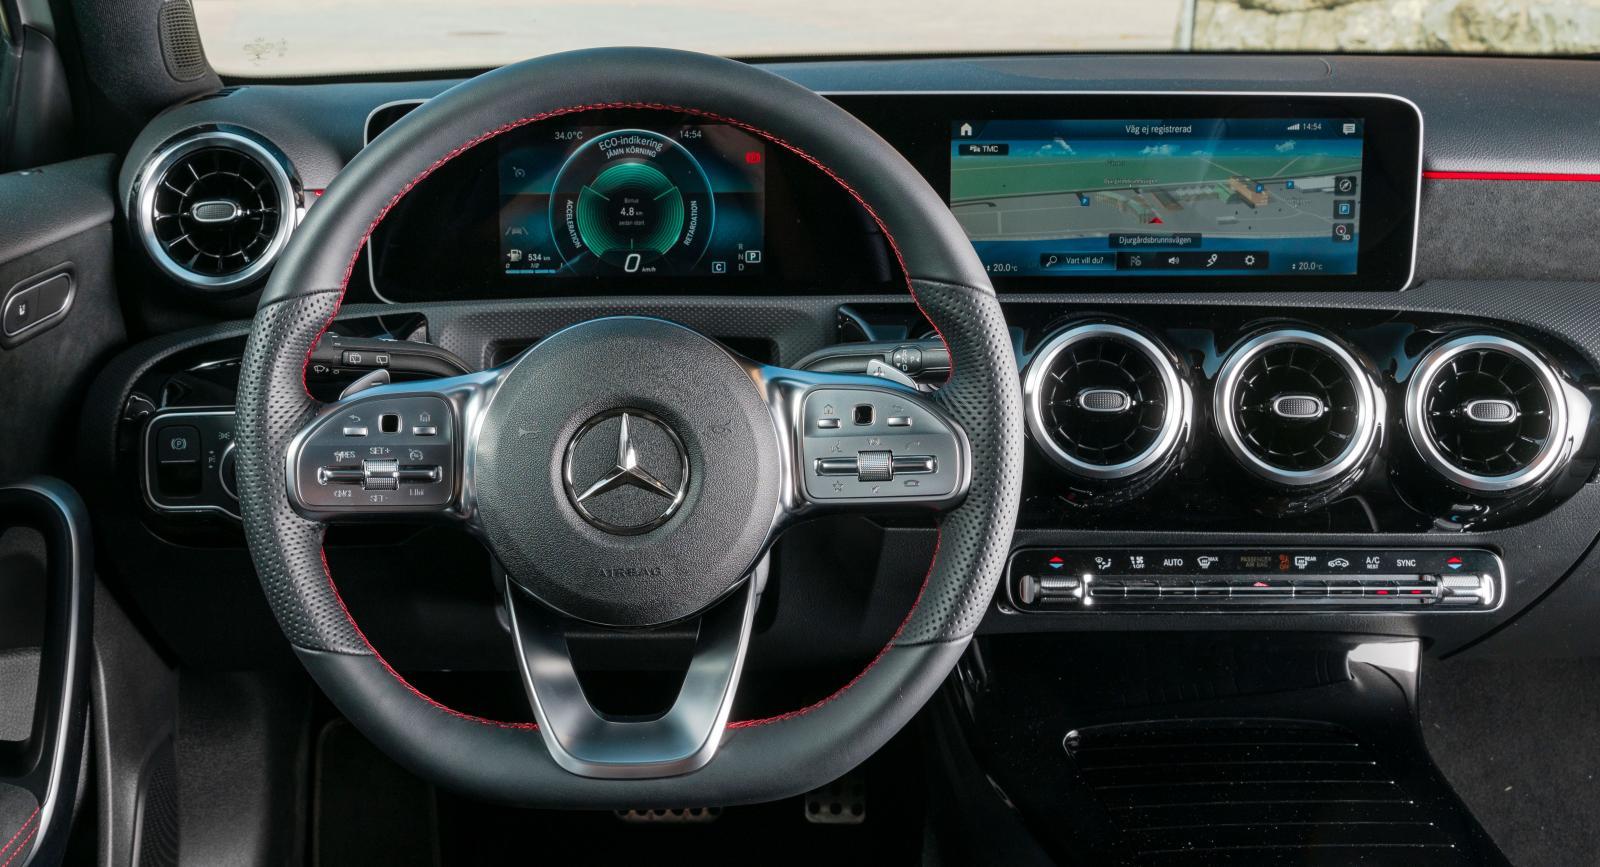 MB Mercedes blandning av krom, pianolack, alcantara och kontrastsömmar ger ett klassiskt men ändå modernt utseende som nog skulle kalla exklusivt.